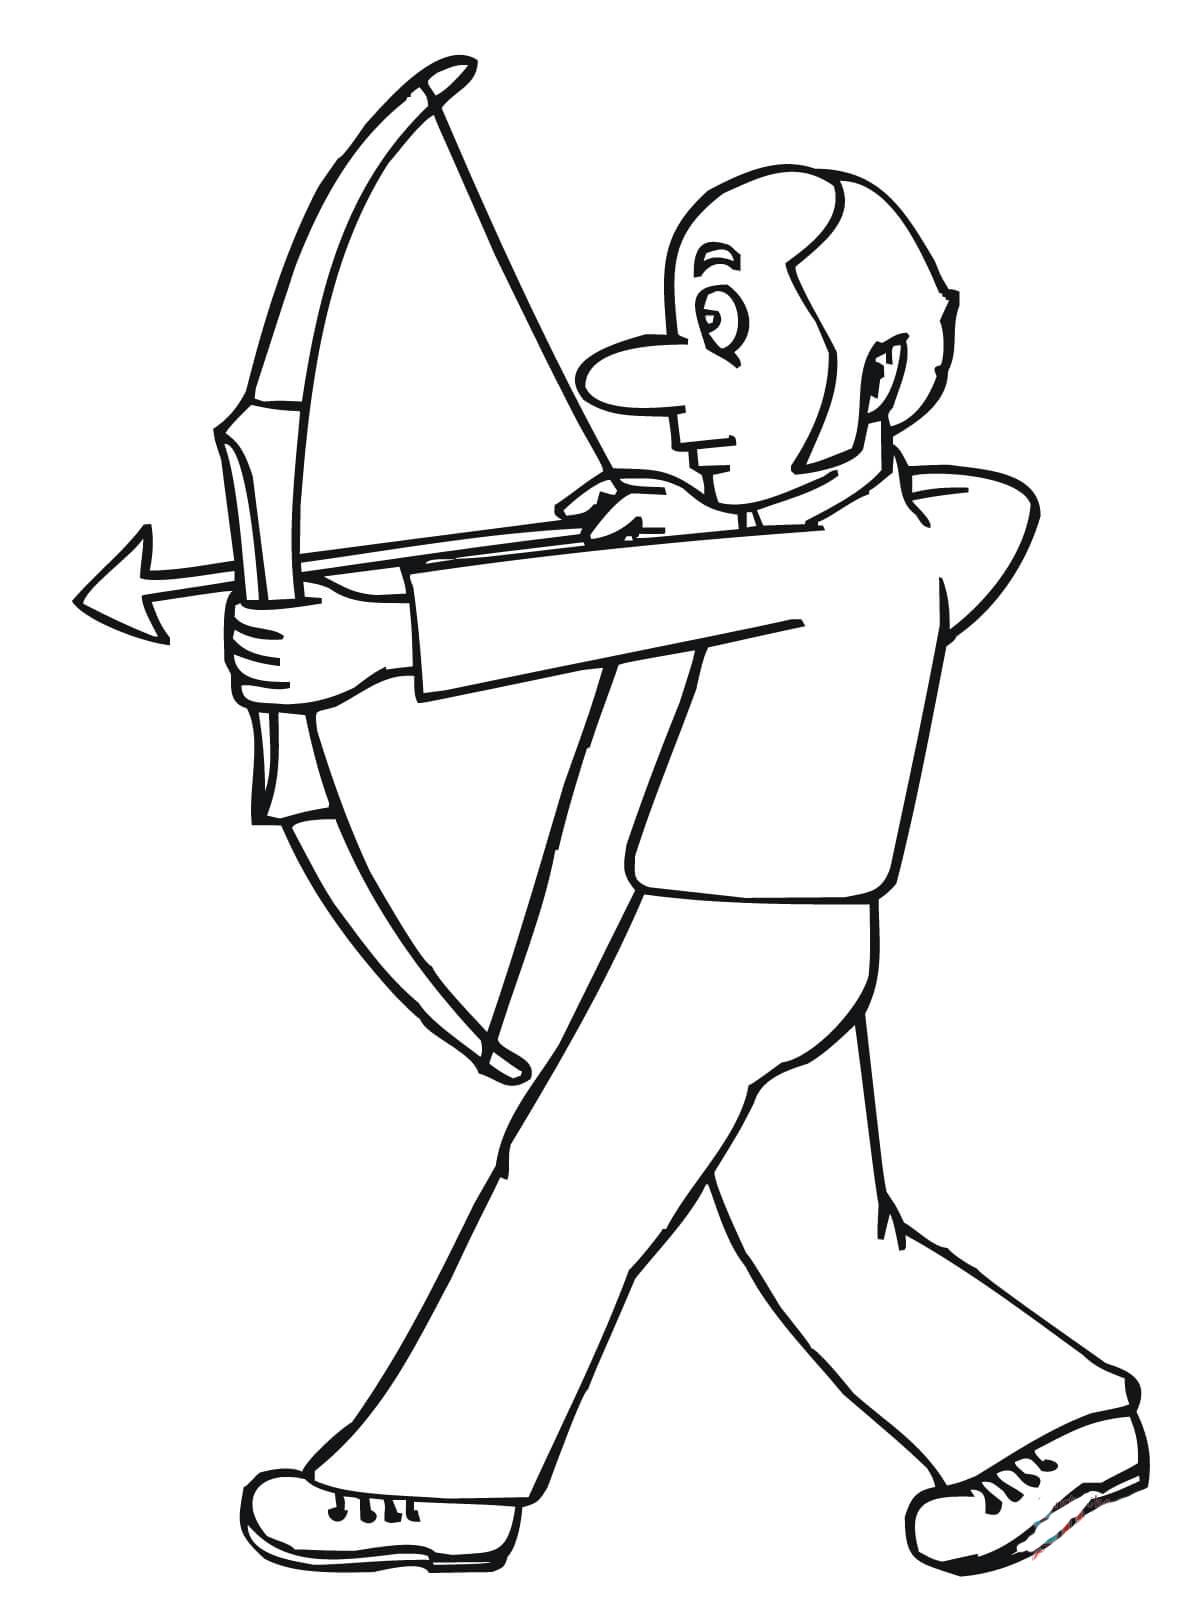 desenho de homem jogando arco e flecha para colorir